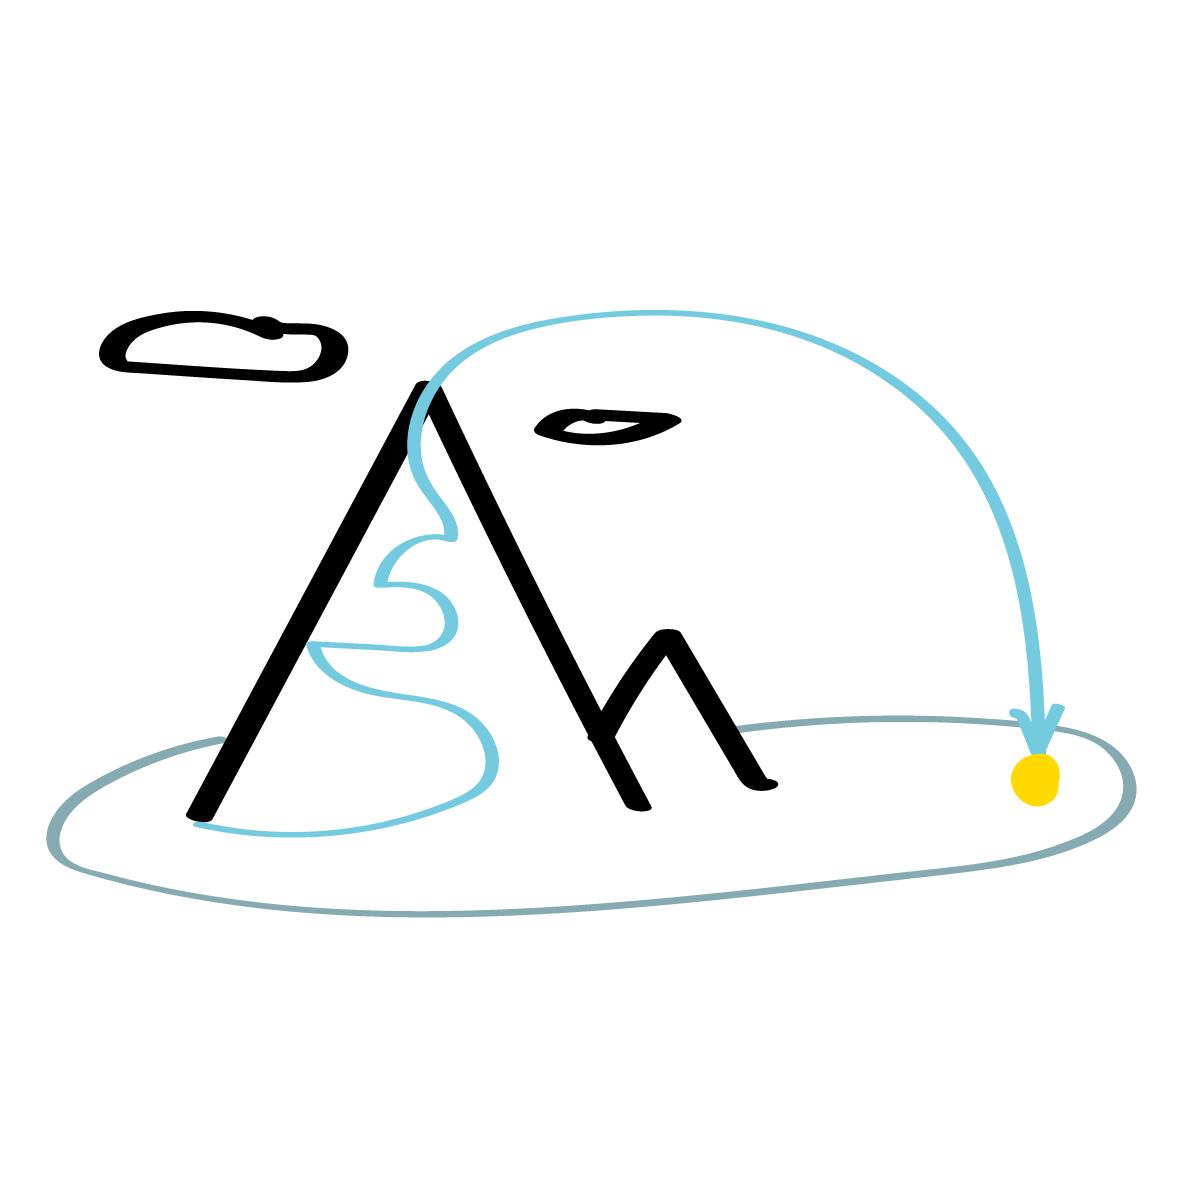 Disegnare i problemi per generare idee e rivelare soluzioni